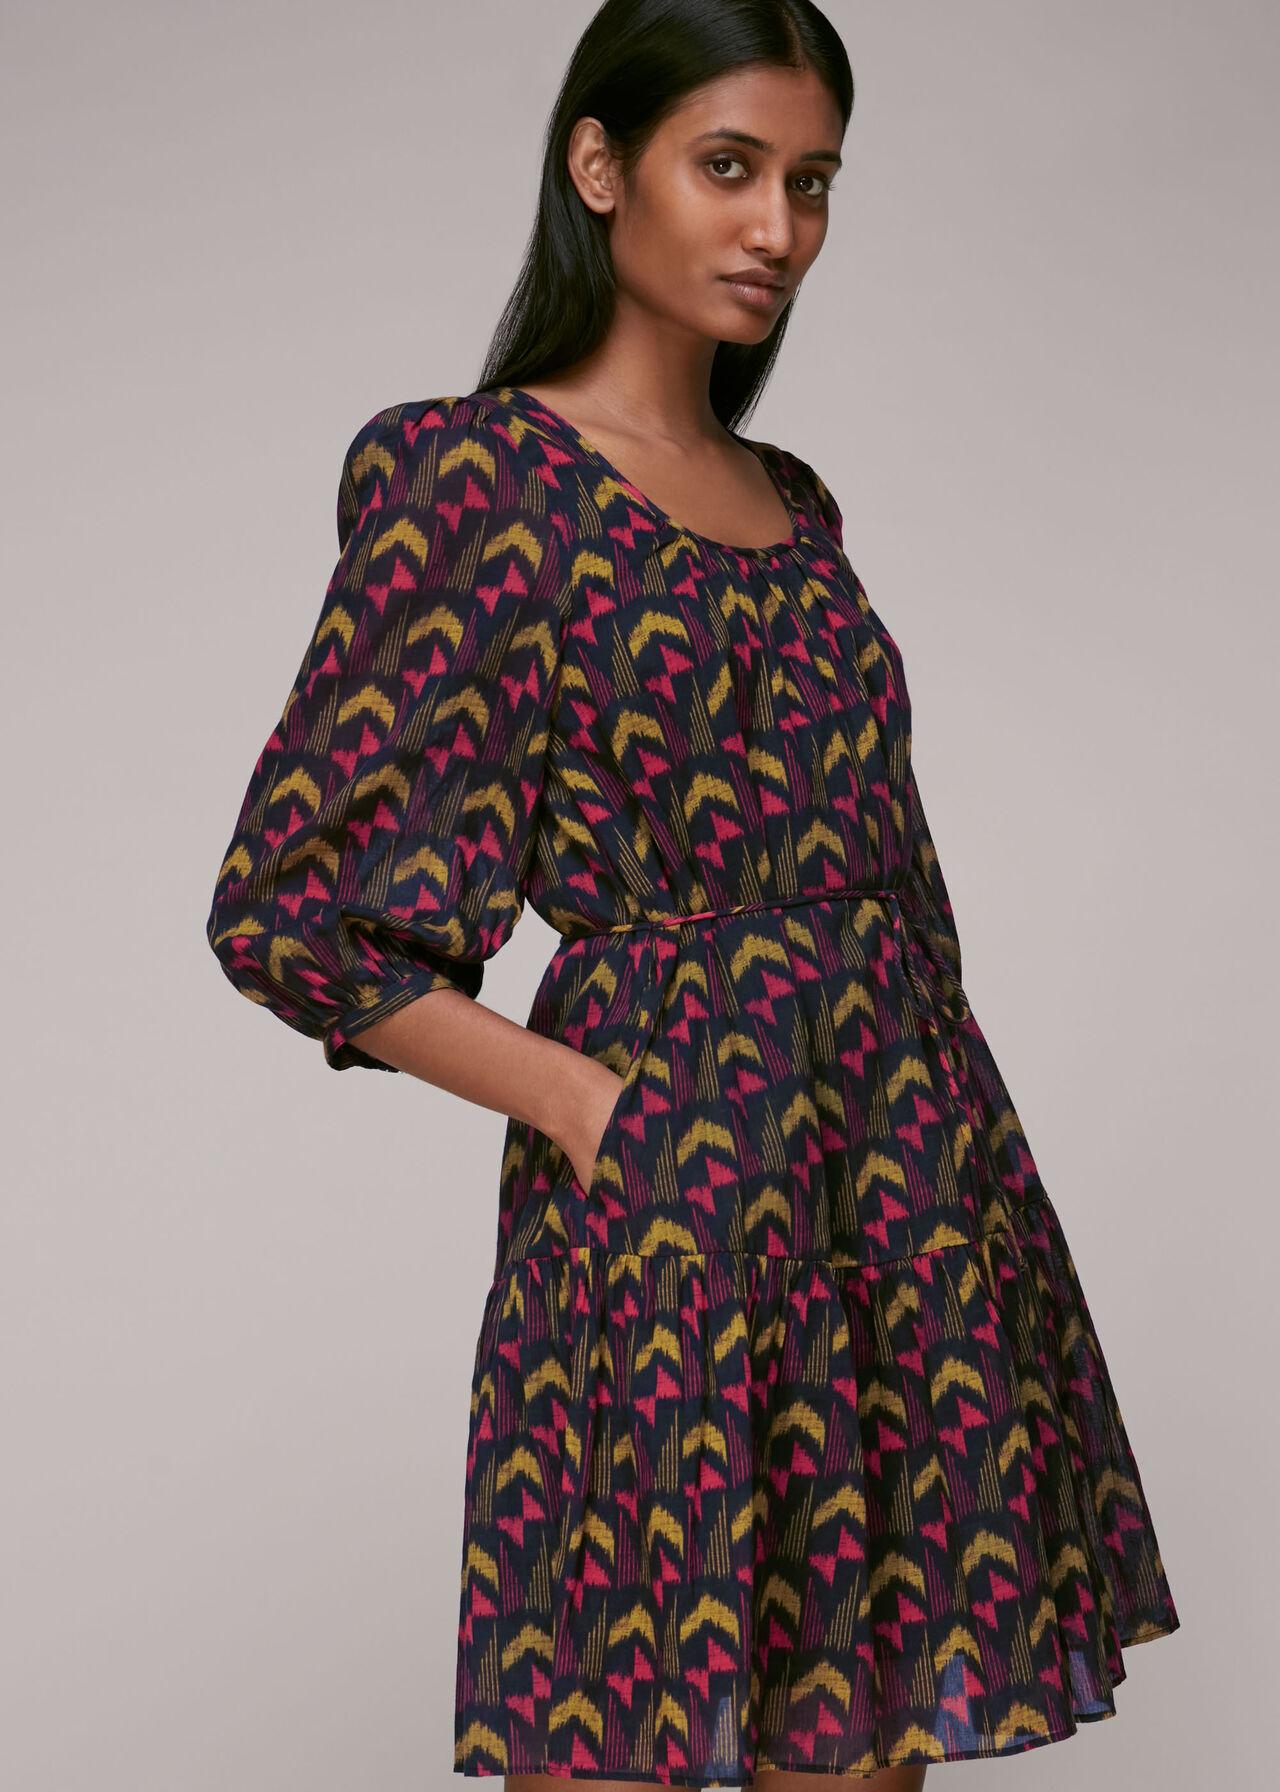 Geometric Ikat Trapeze Dress Black/Multi